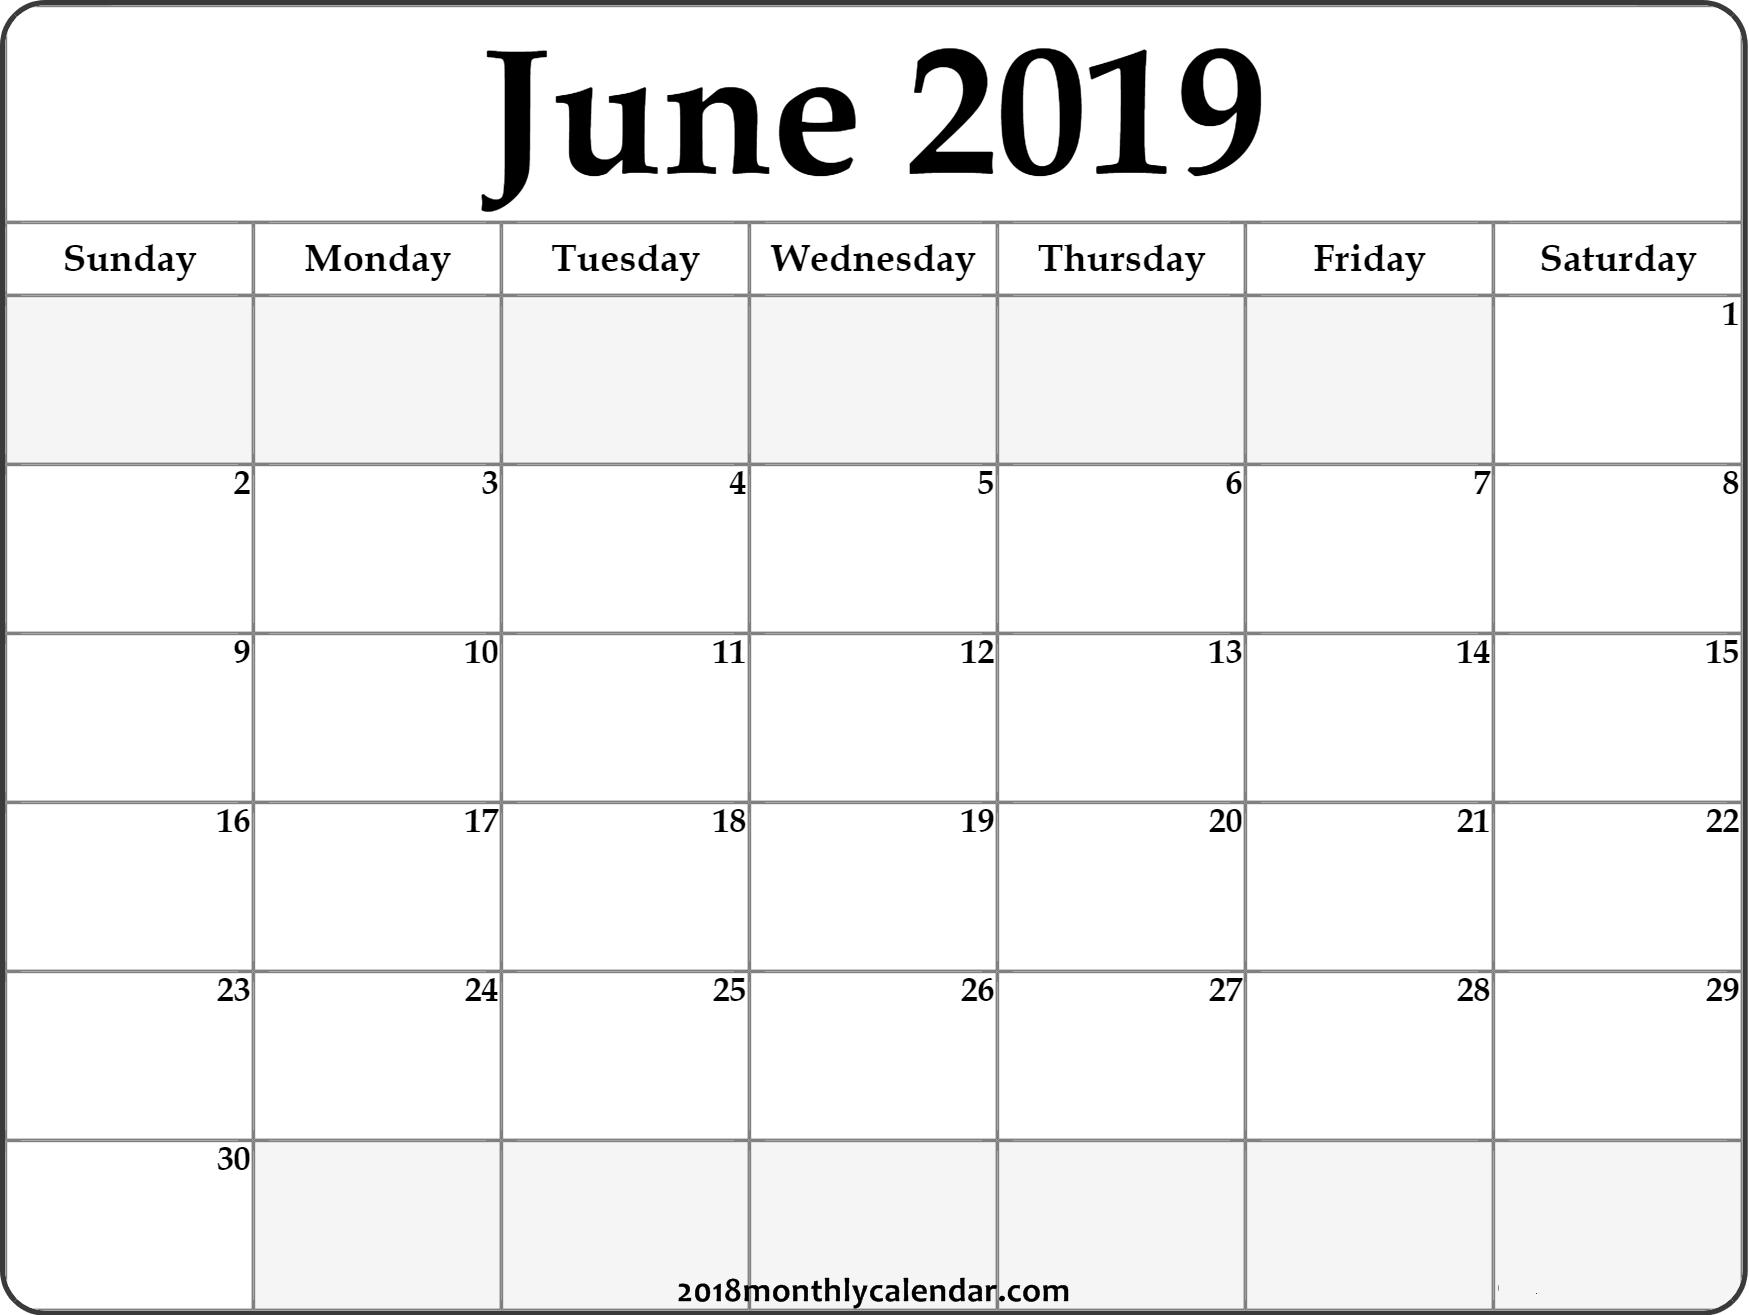 Download June 2019 Printable Calendar - Printable Blank & Editable intended for Printable Calendar June 2019 To June 2020